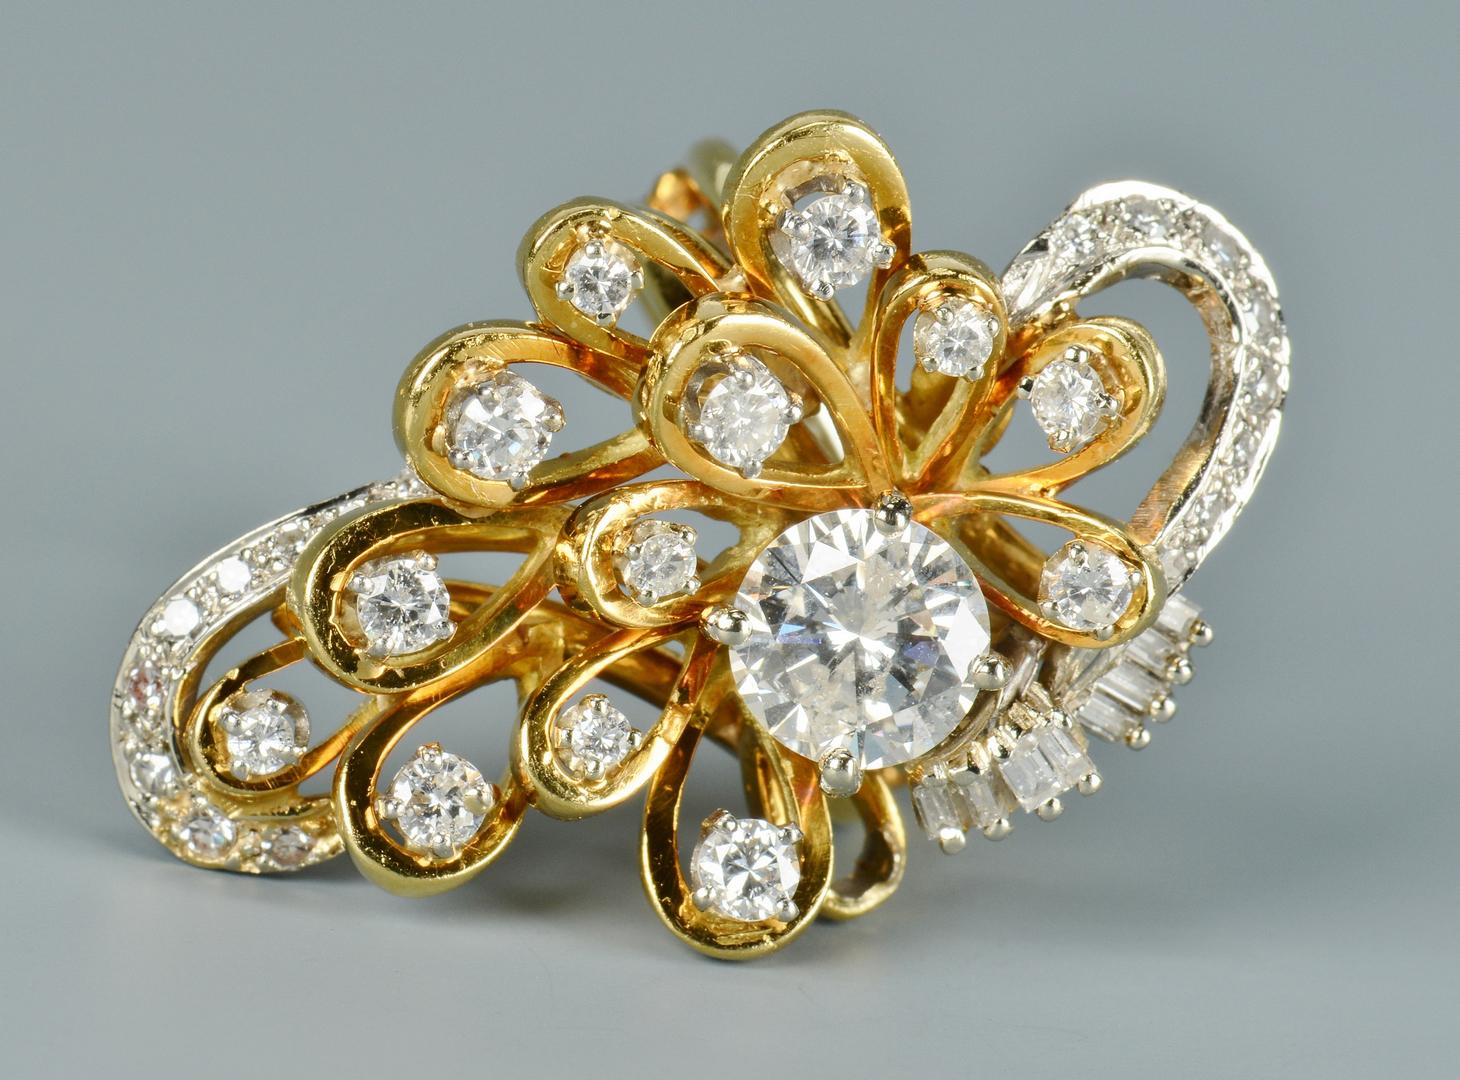 Lot 3088050: 18k Custom Cluster Diamond Ring